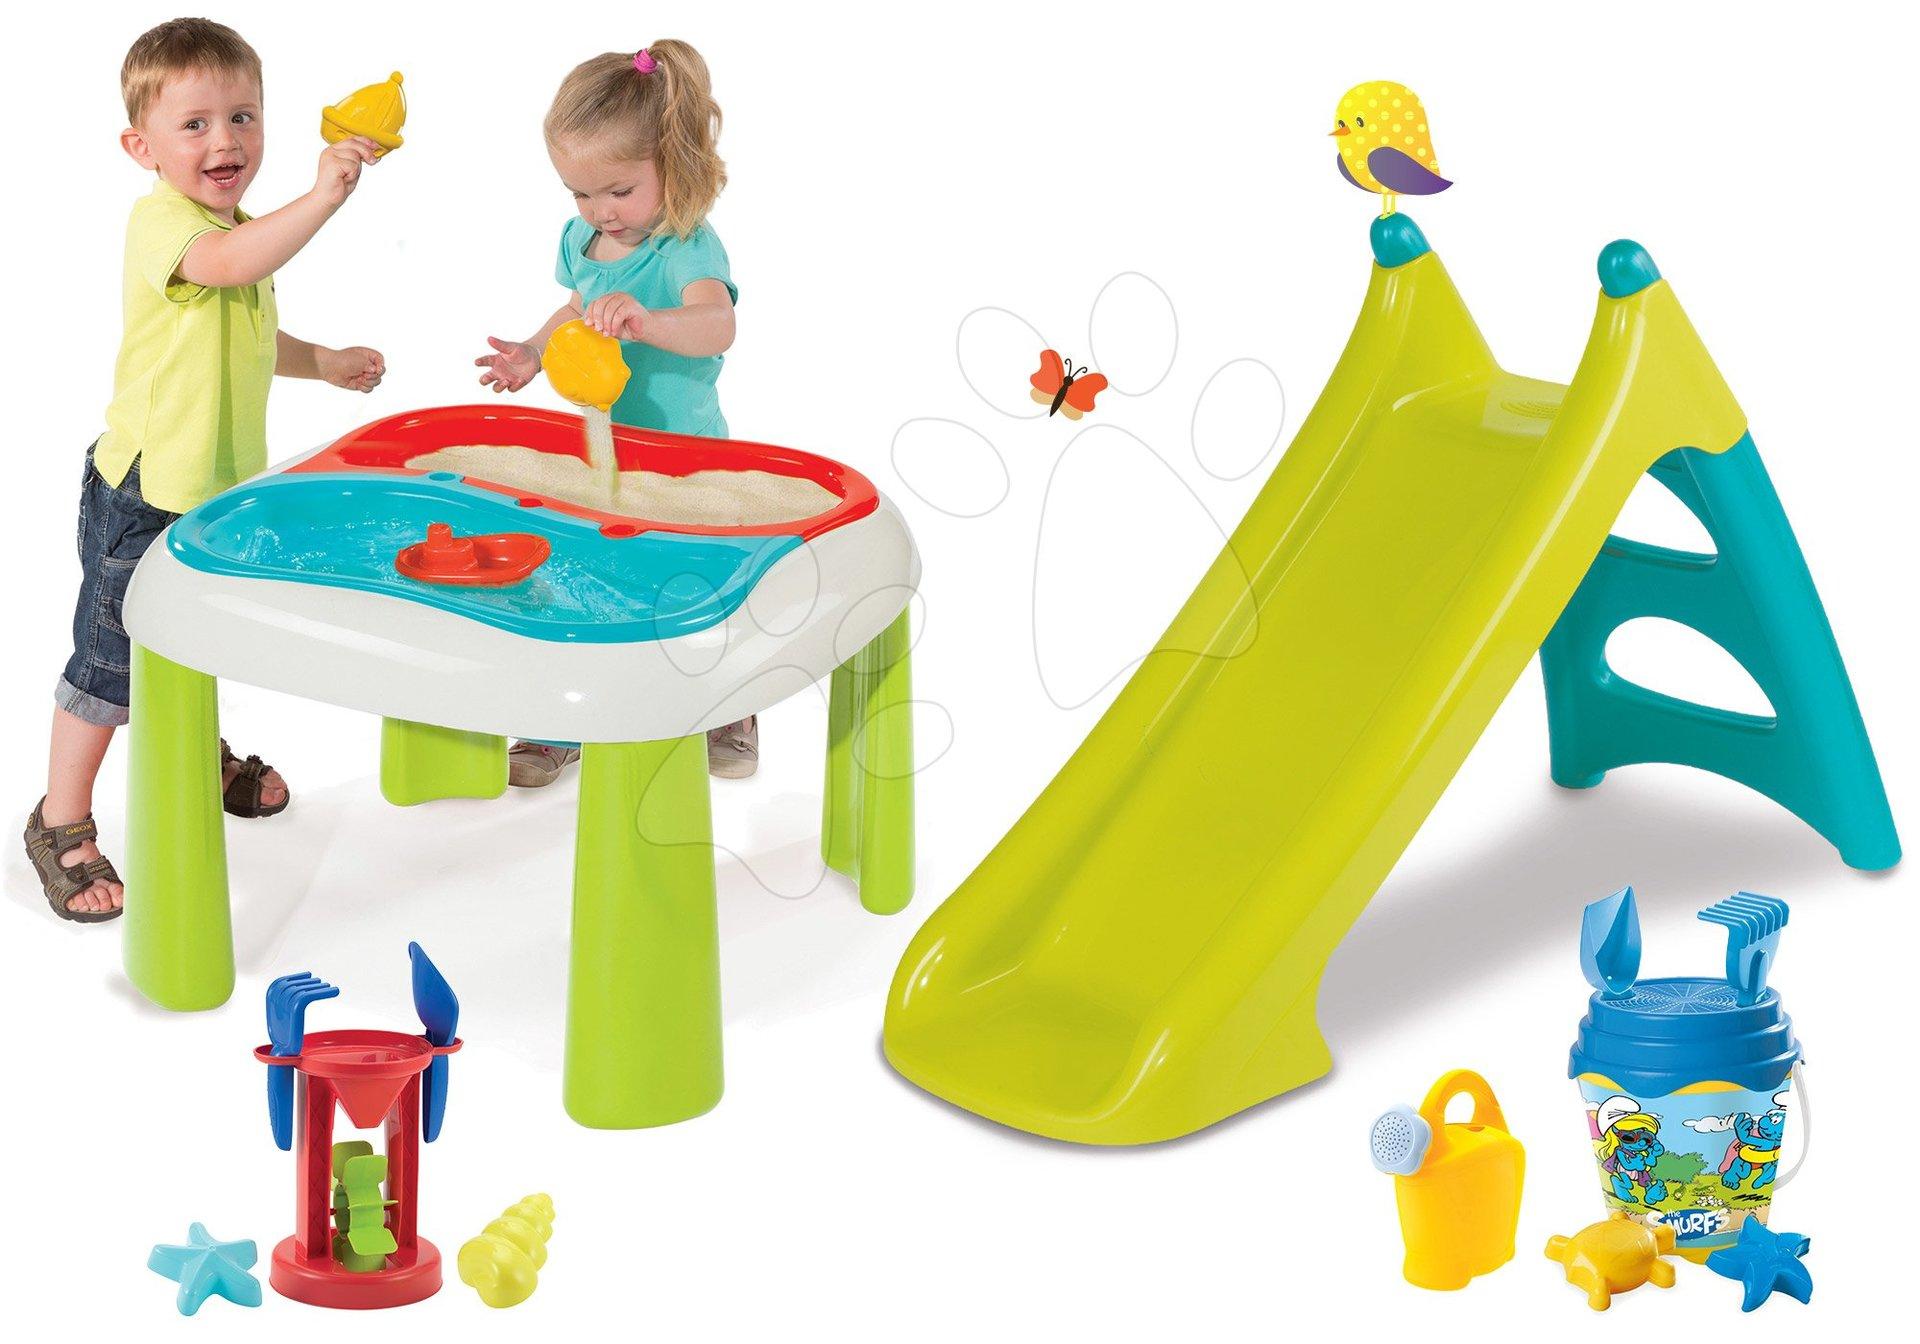 Set stůl Voda&Písek 2v1 Smoby a skluzavka Toboggan XS, kbelík set Lví hlídka od 18 měsíců